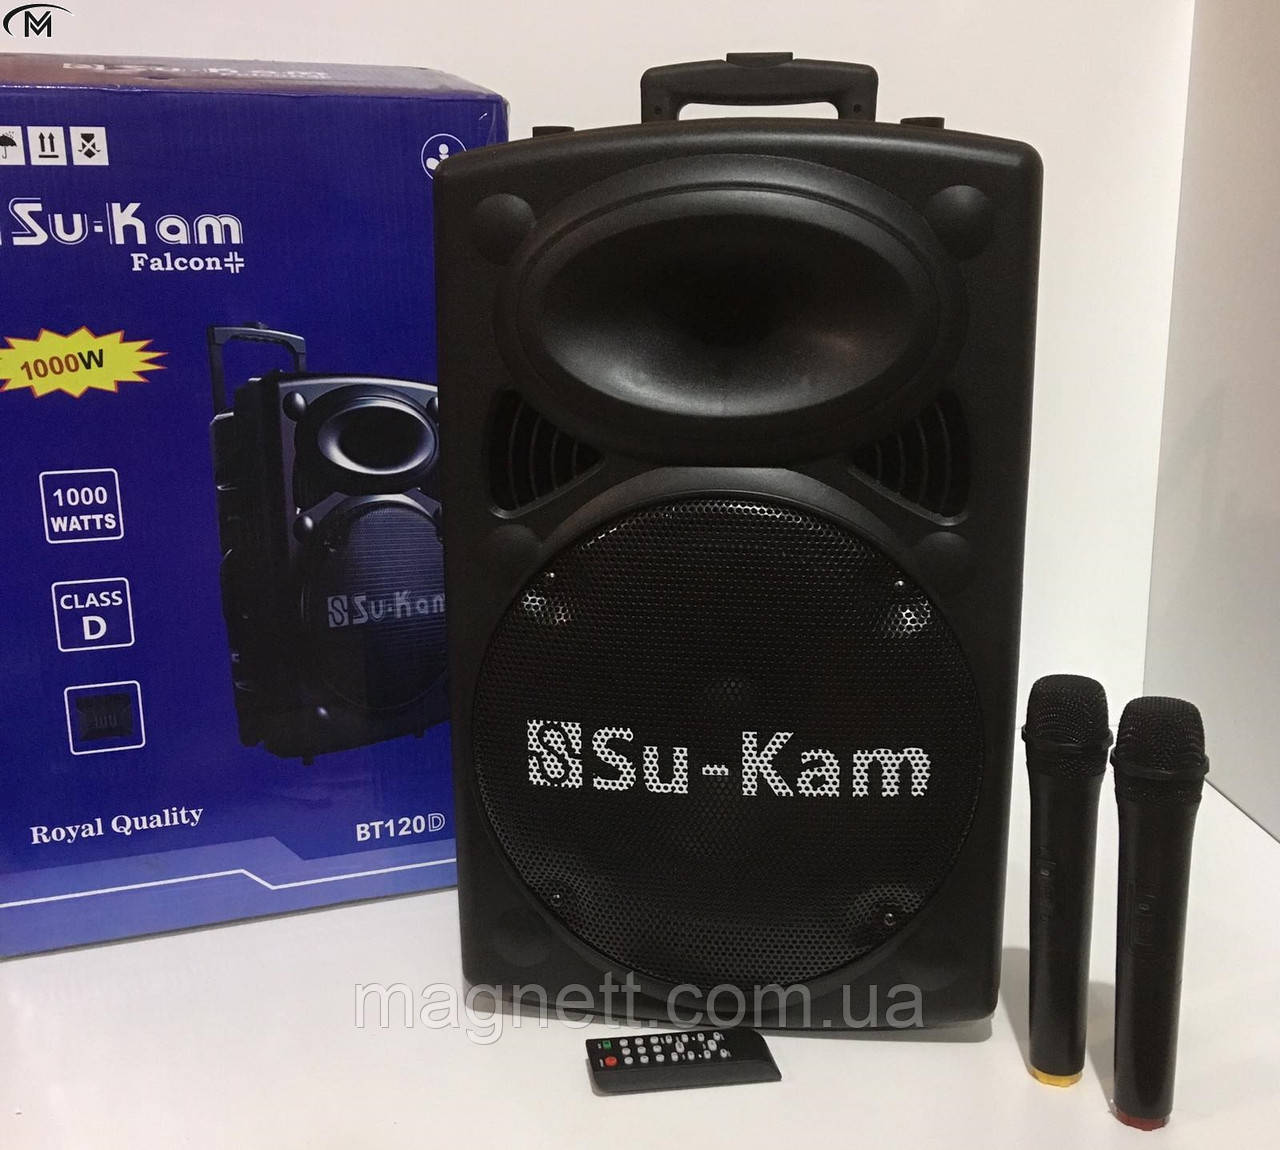 Мощная портативная колонка-чемодан Su-Kam BT120 + 2 микрофона